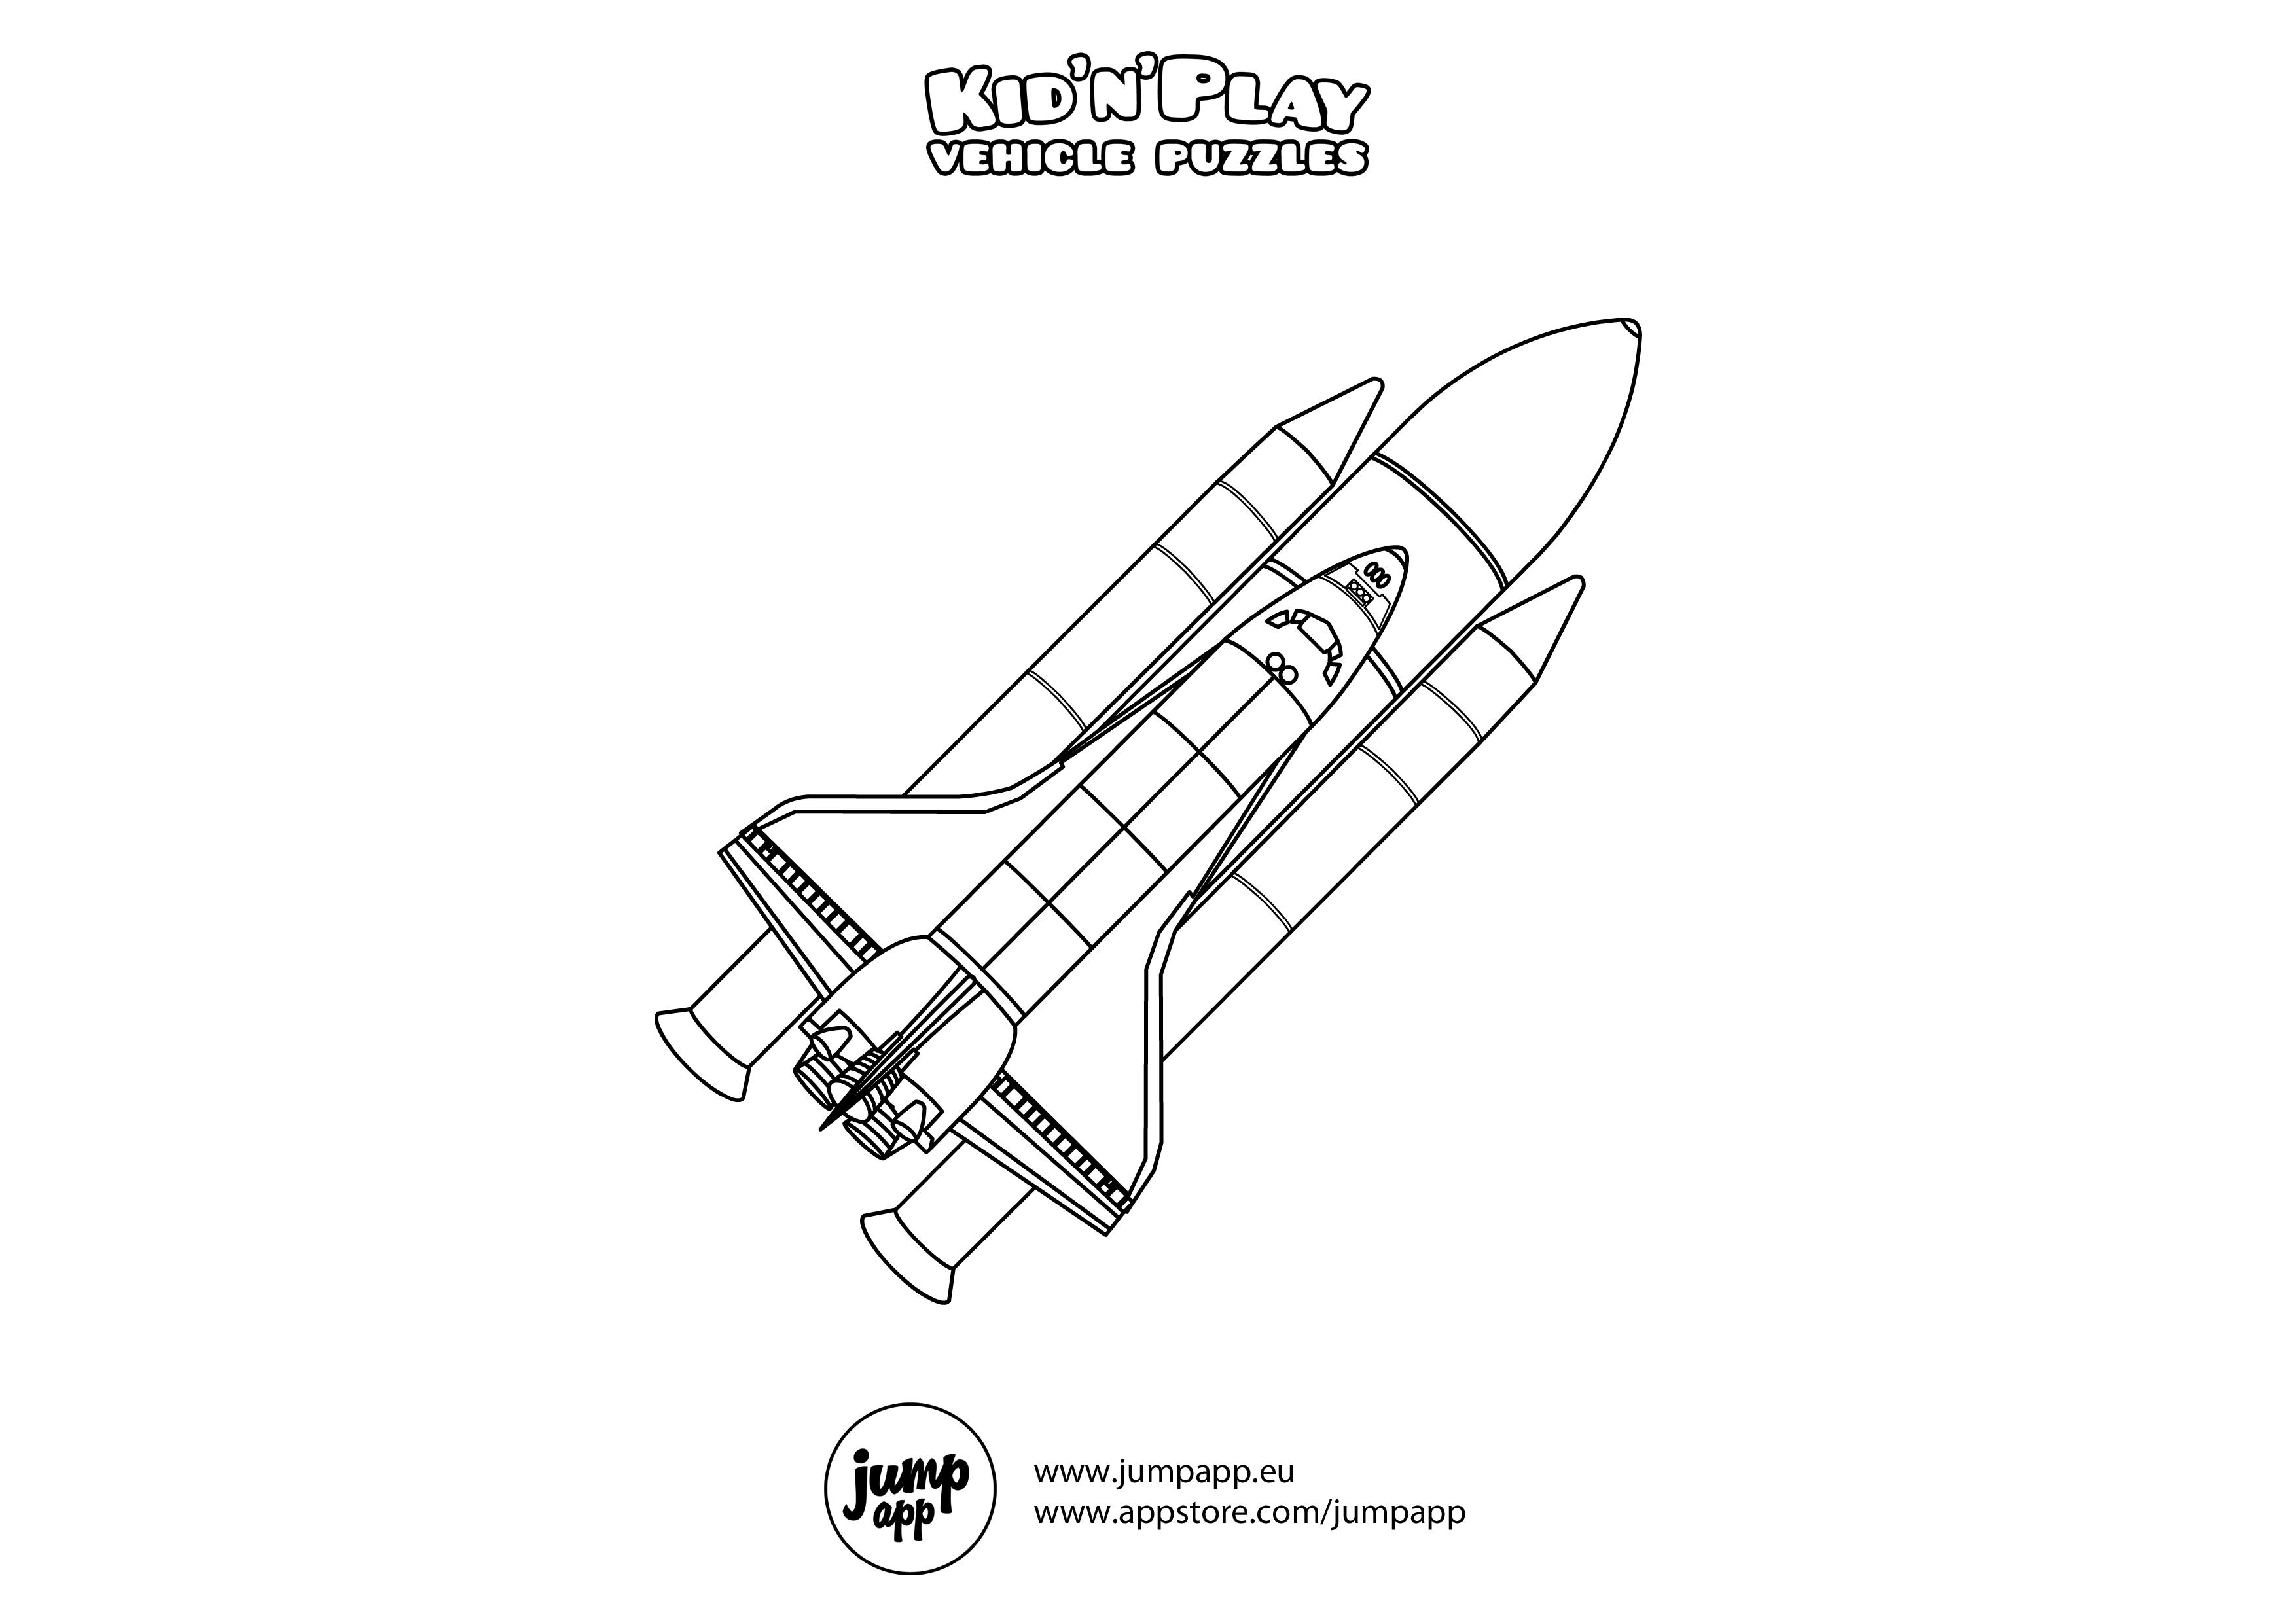 Coloriage Navette Spatiale #140511 (Transport) - Album de ...